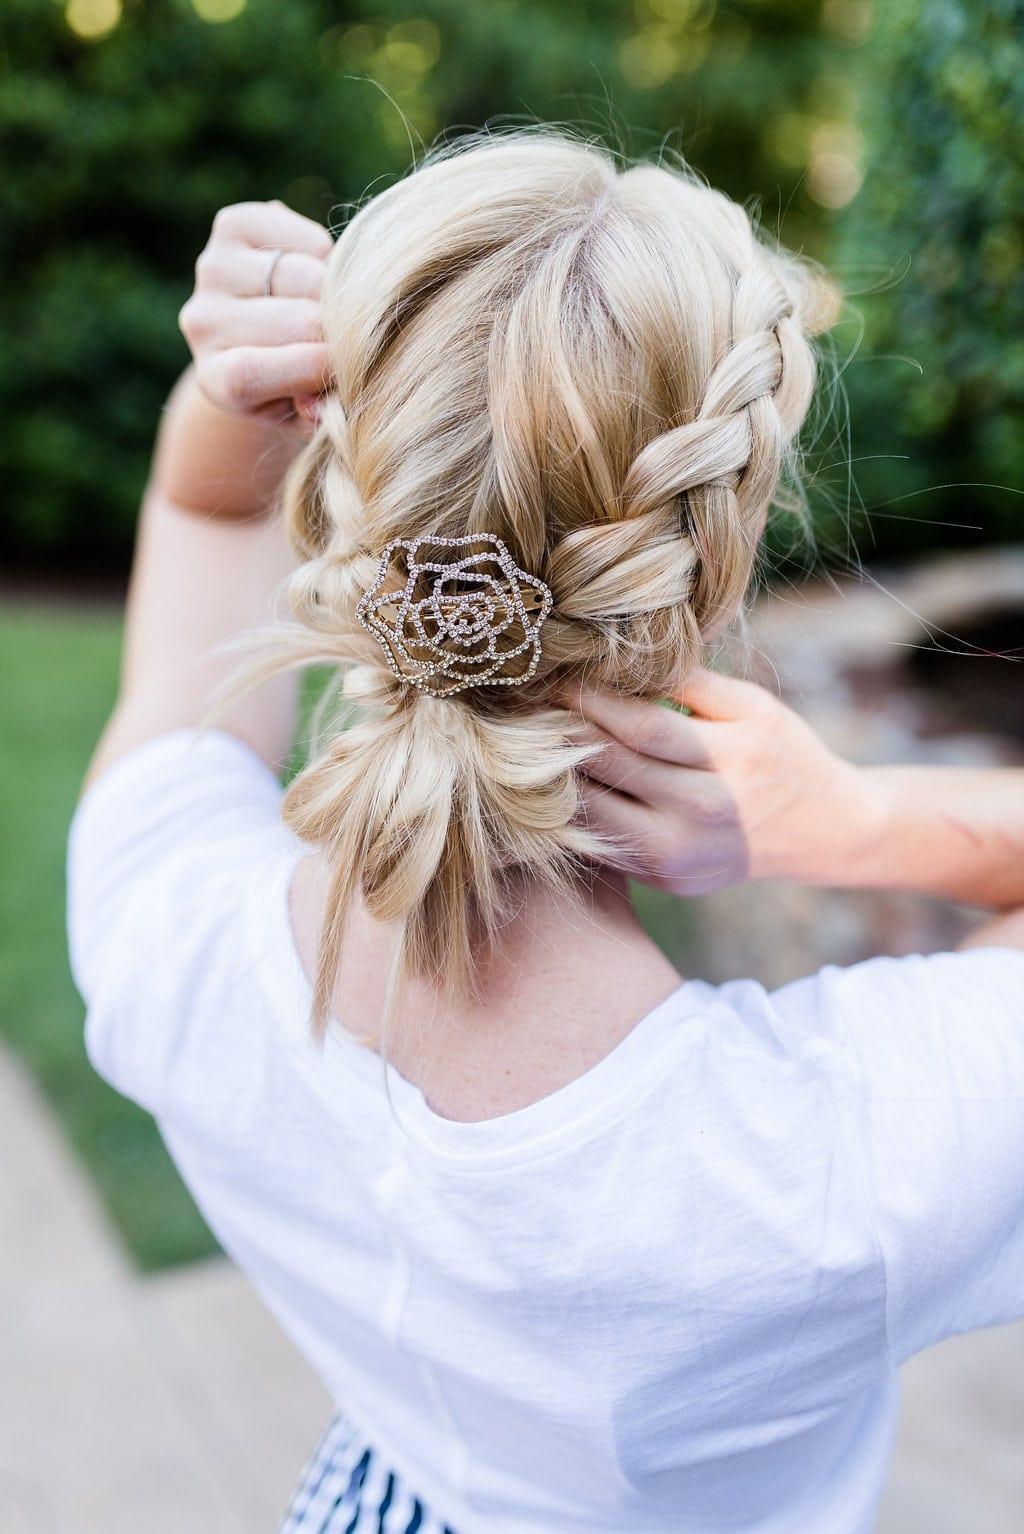 Braid hairstyles for women. Easy side dutch braid.